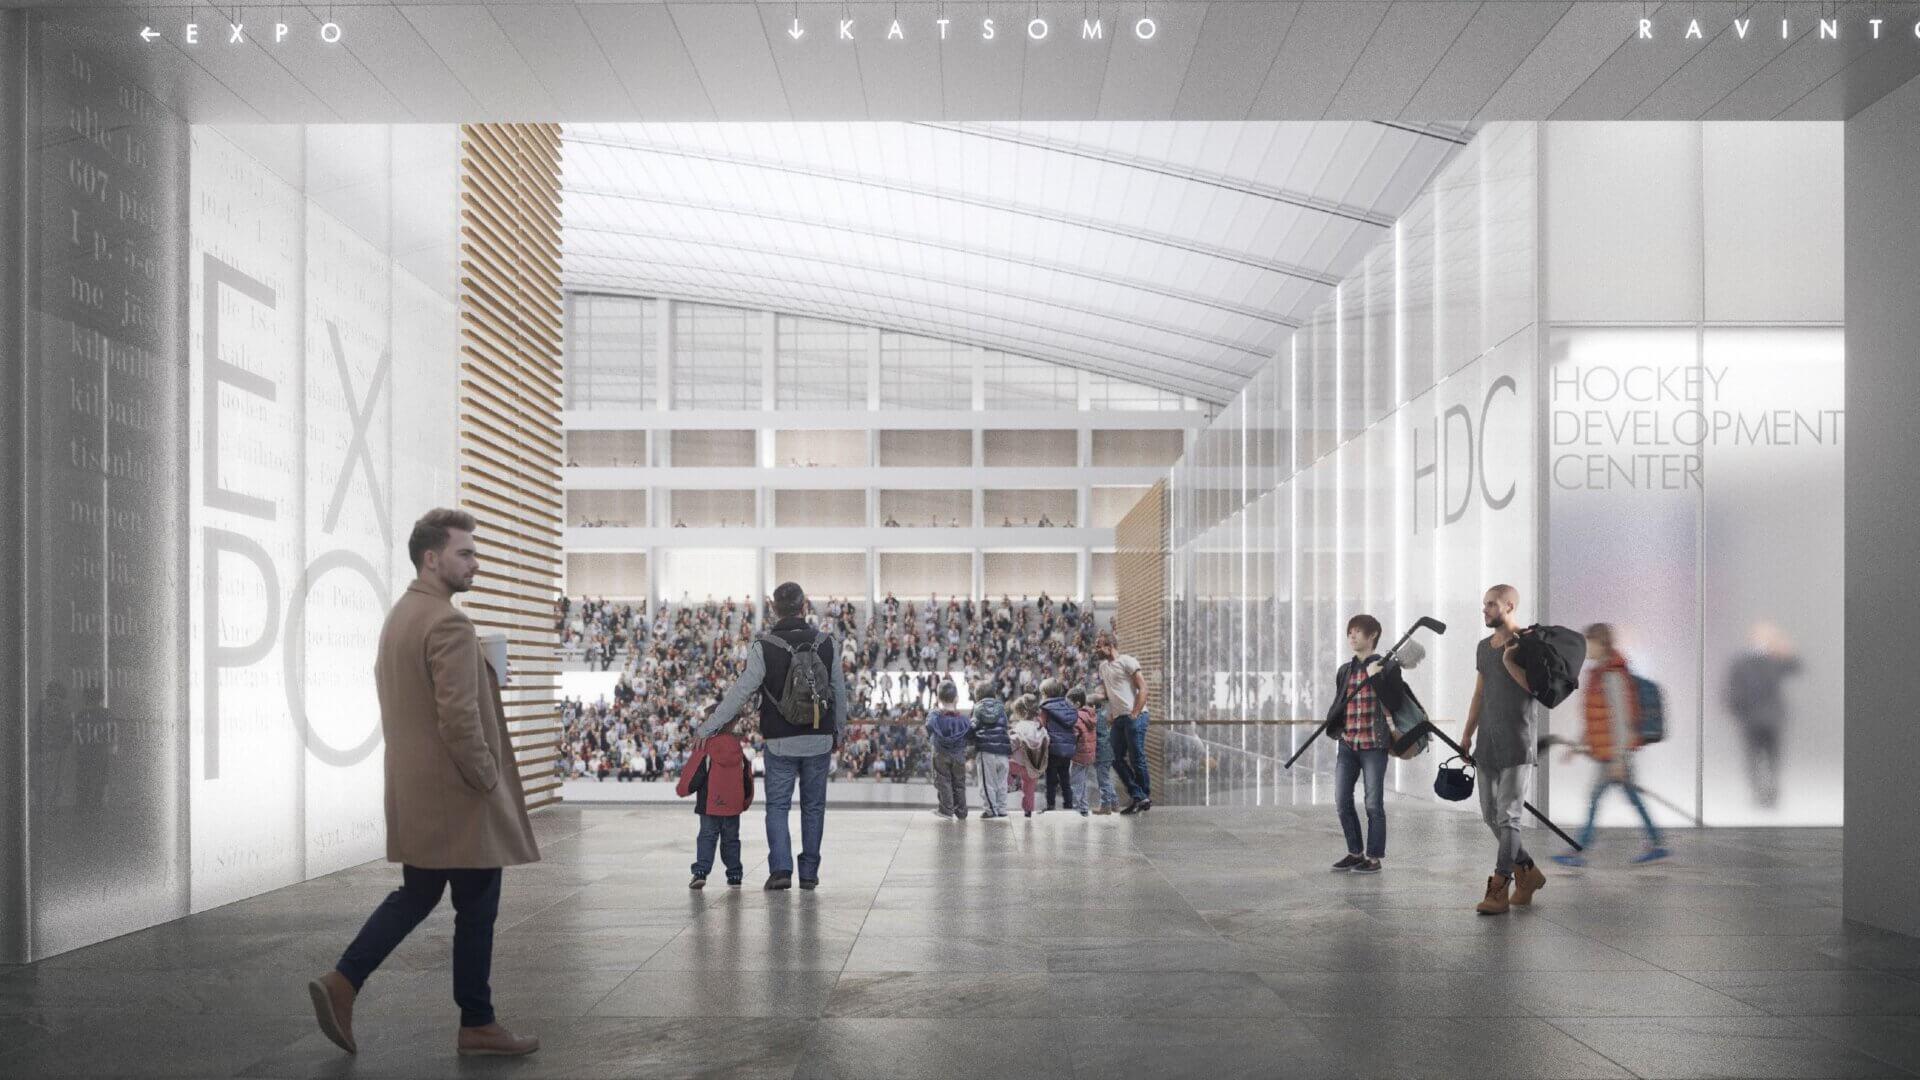 """Meijou osallistui Tampereen kaupungin järjestämään Hakametsän suunnittelukilpailuun, tuloksena palkintosijoille yltänyt """"Hakametsä Sport Campus -konsepti"""" 4"""